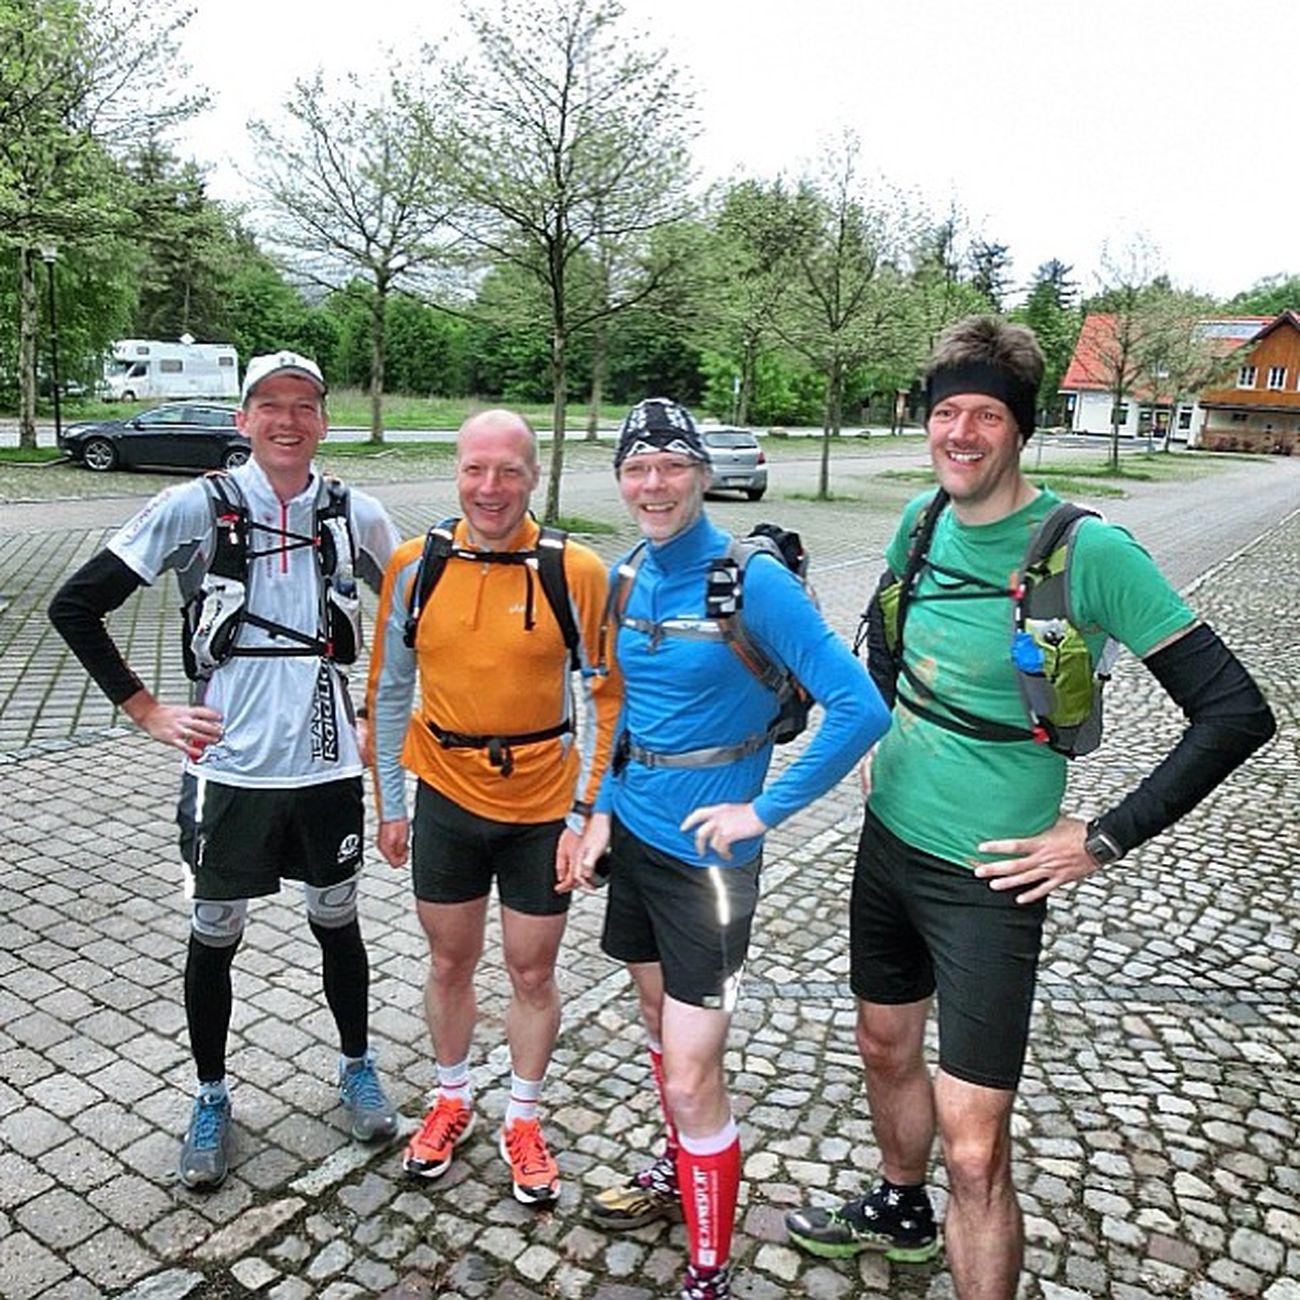 3. PfingstBrockenlauf Sklblog Pfingsten Brocken Trail Trailrunning Ilsenburg Teamraidlight Xkross Sziols Sponser Onrunning Sklonrunning